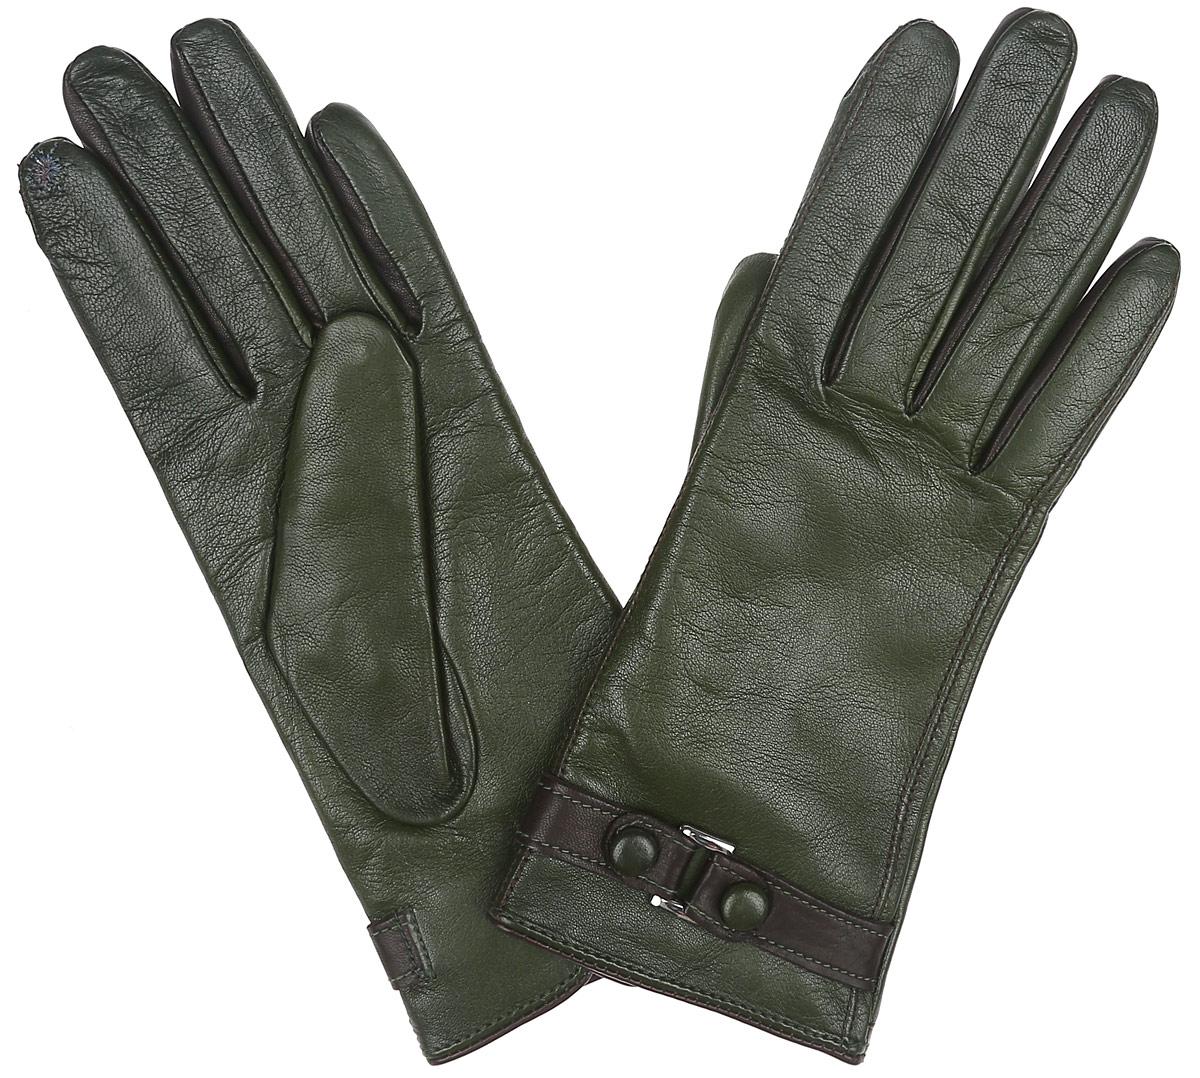 Перчатки женские. TOUCH IS02074TOUCH IS02074Новая модель элегантных перчаток от Eleganzza создана специально для работы с сенсорными экранами. Благодаря наличию на пальцах особой металлизированной нити любыми современными устройствами можно пользоваться, не снимая перчаток. Перчатки выполнены из необыкновенно мягкой и приятной на ощупь натуральной кожи контрастных цветов, а их подкладка - из натуральной шерсти с добавлением кашемира. Лицевая сторона оформлена декоративным ремешком. Тыльная сторона дополнена аккуратным разрезом. Руки в тепле, а вы на связи.